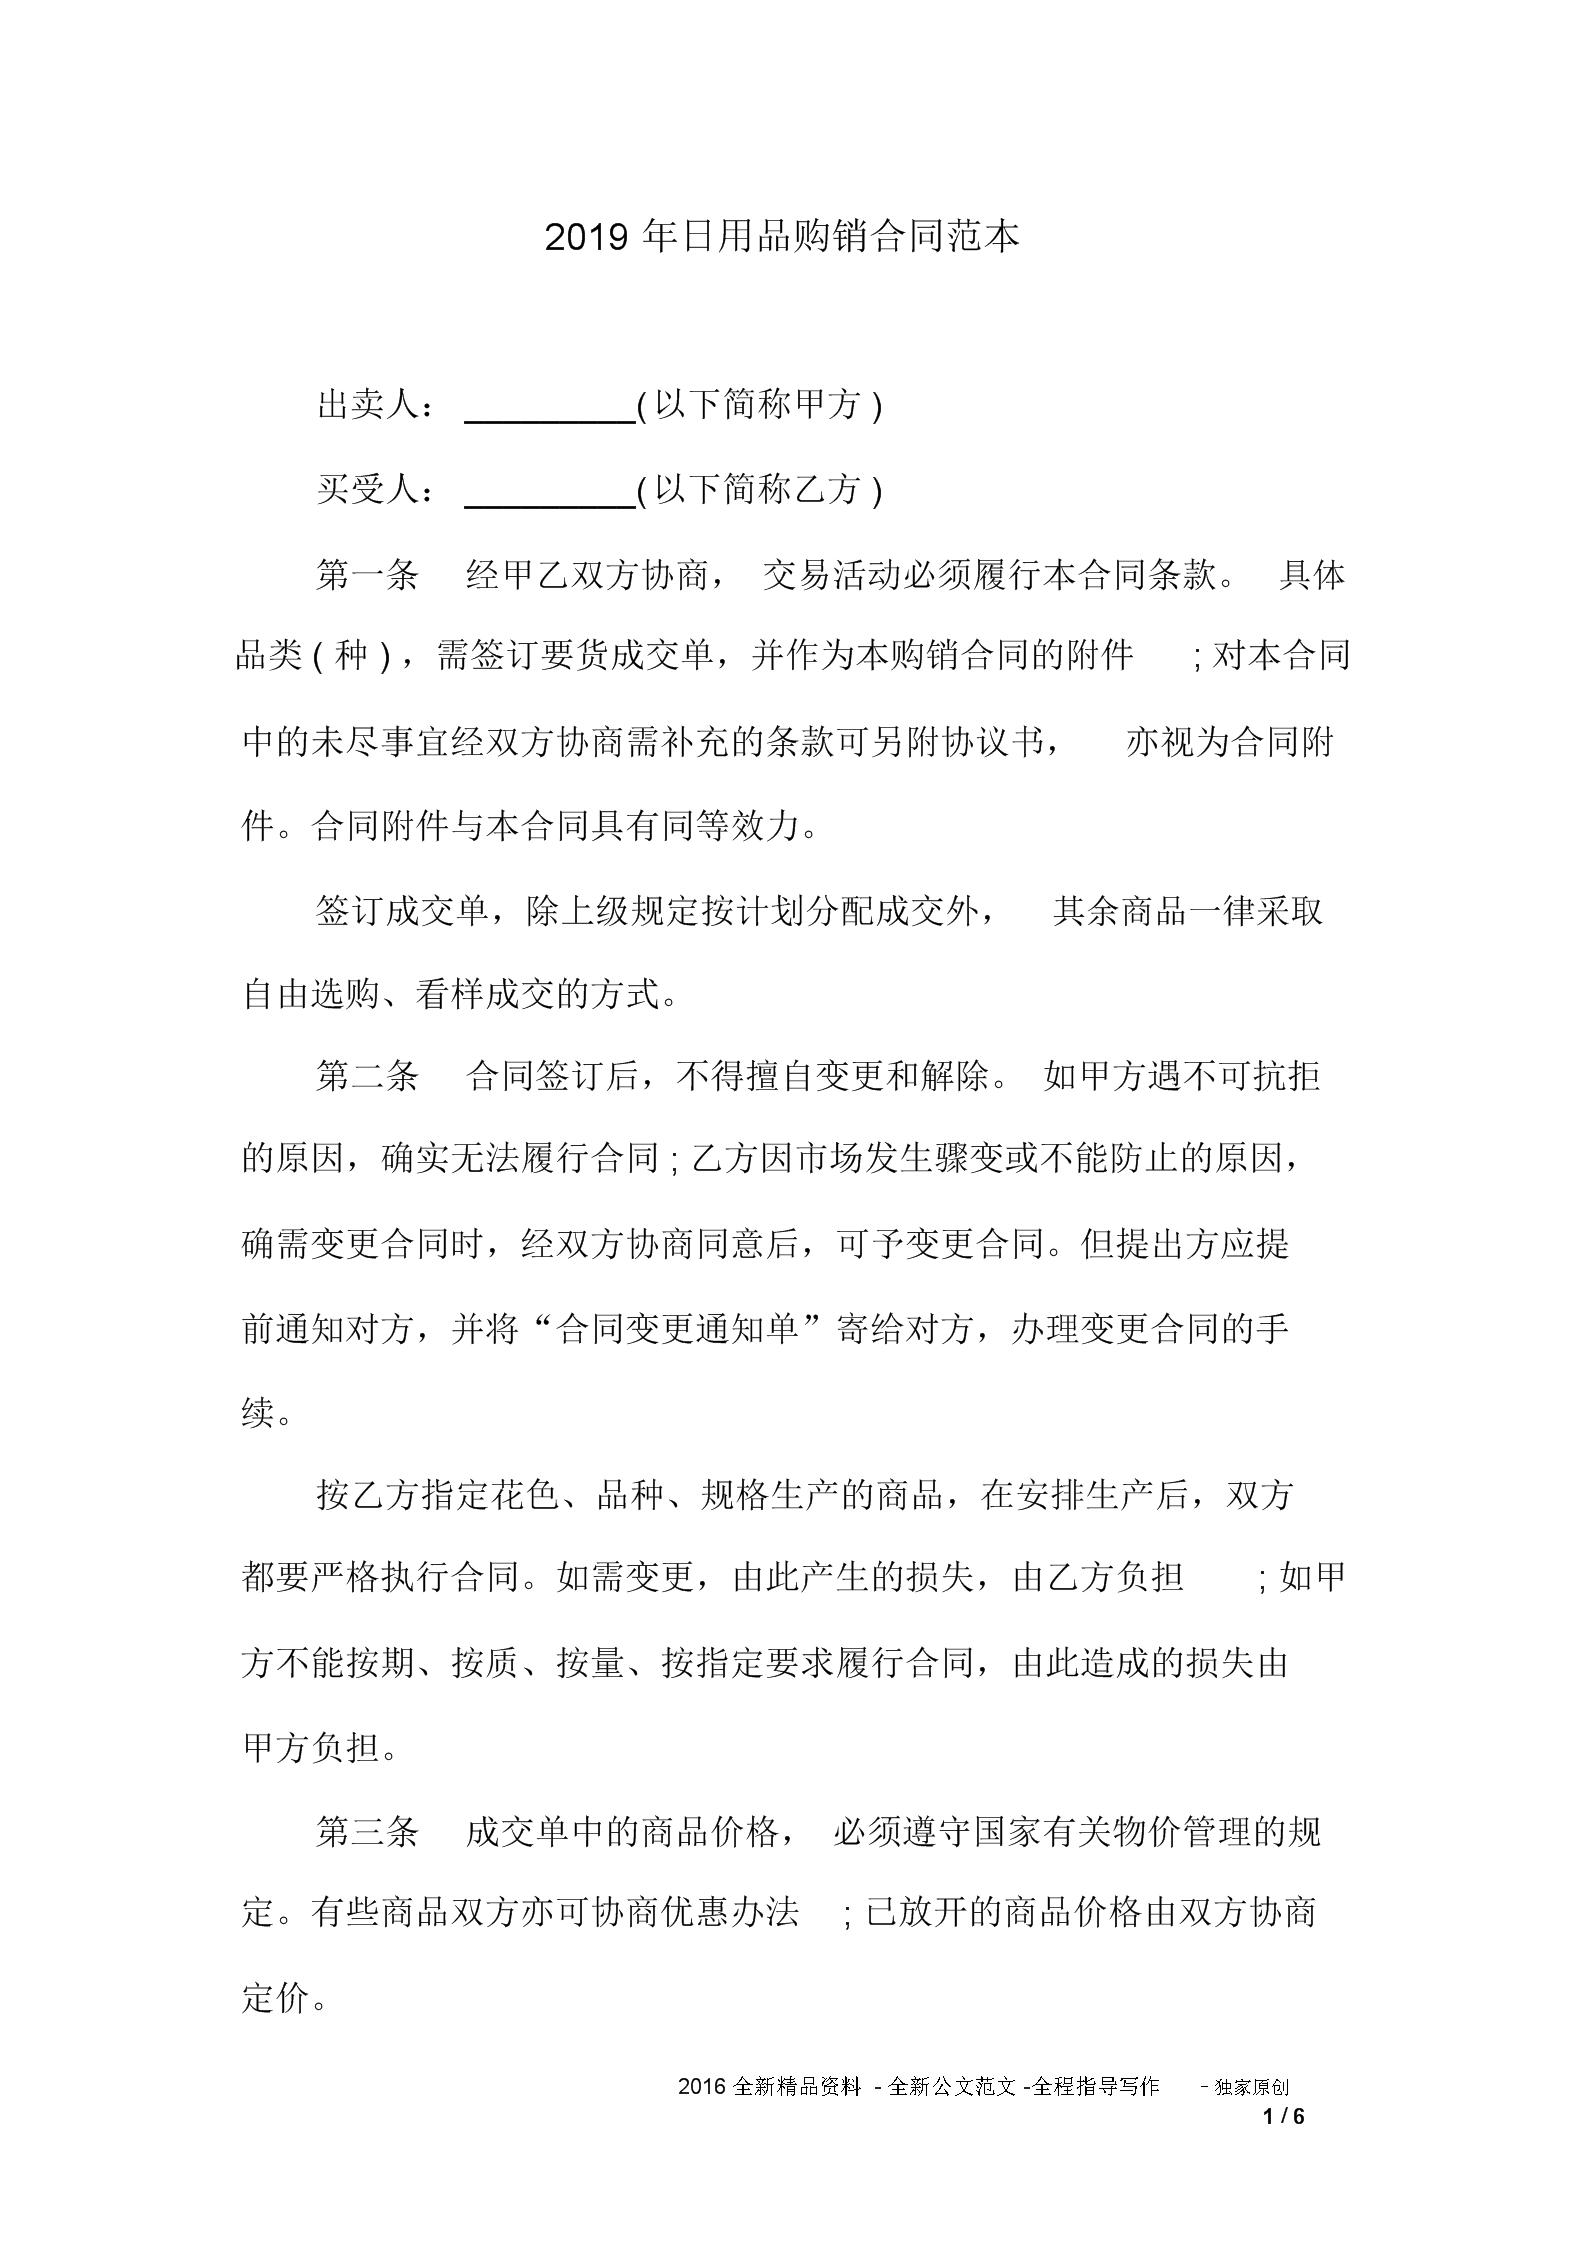 日用品购销合同范文范本.docx